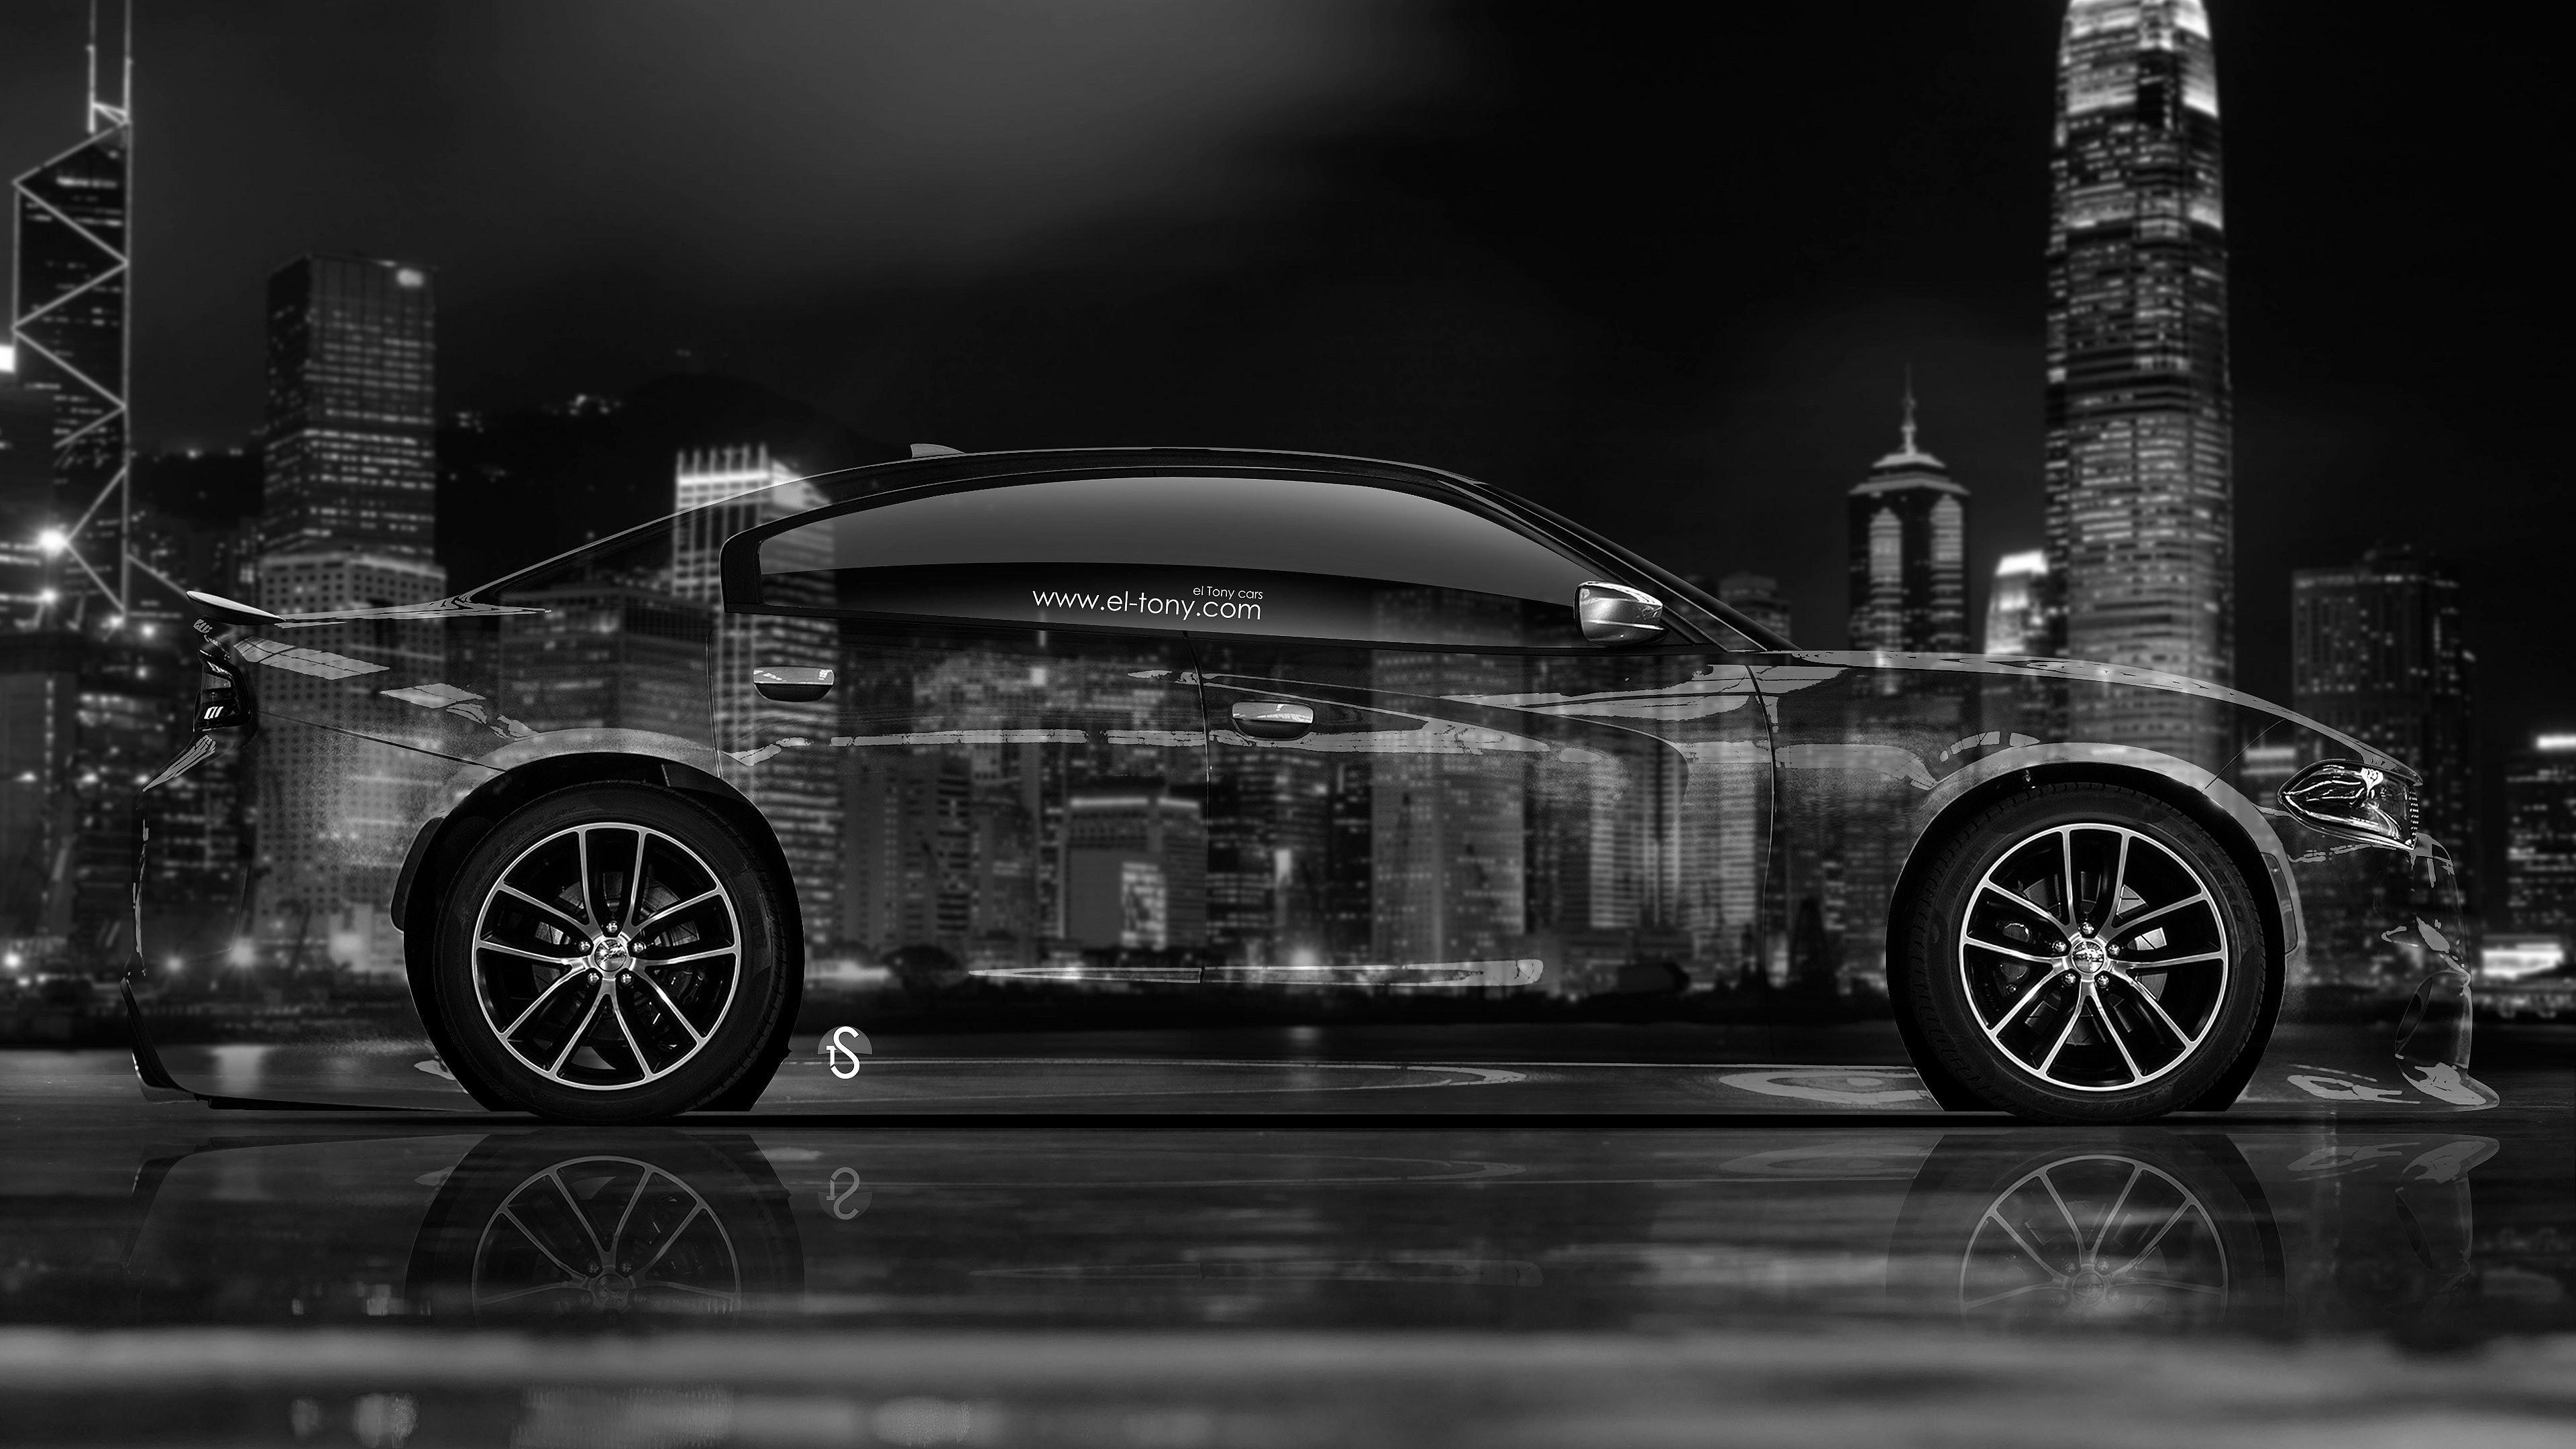 Dodge logo wallpapers 50 images - Dodge car 4k wallpaper ...